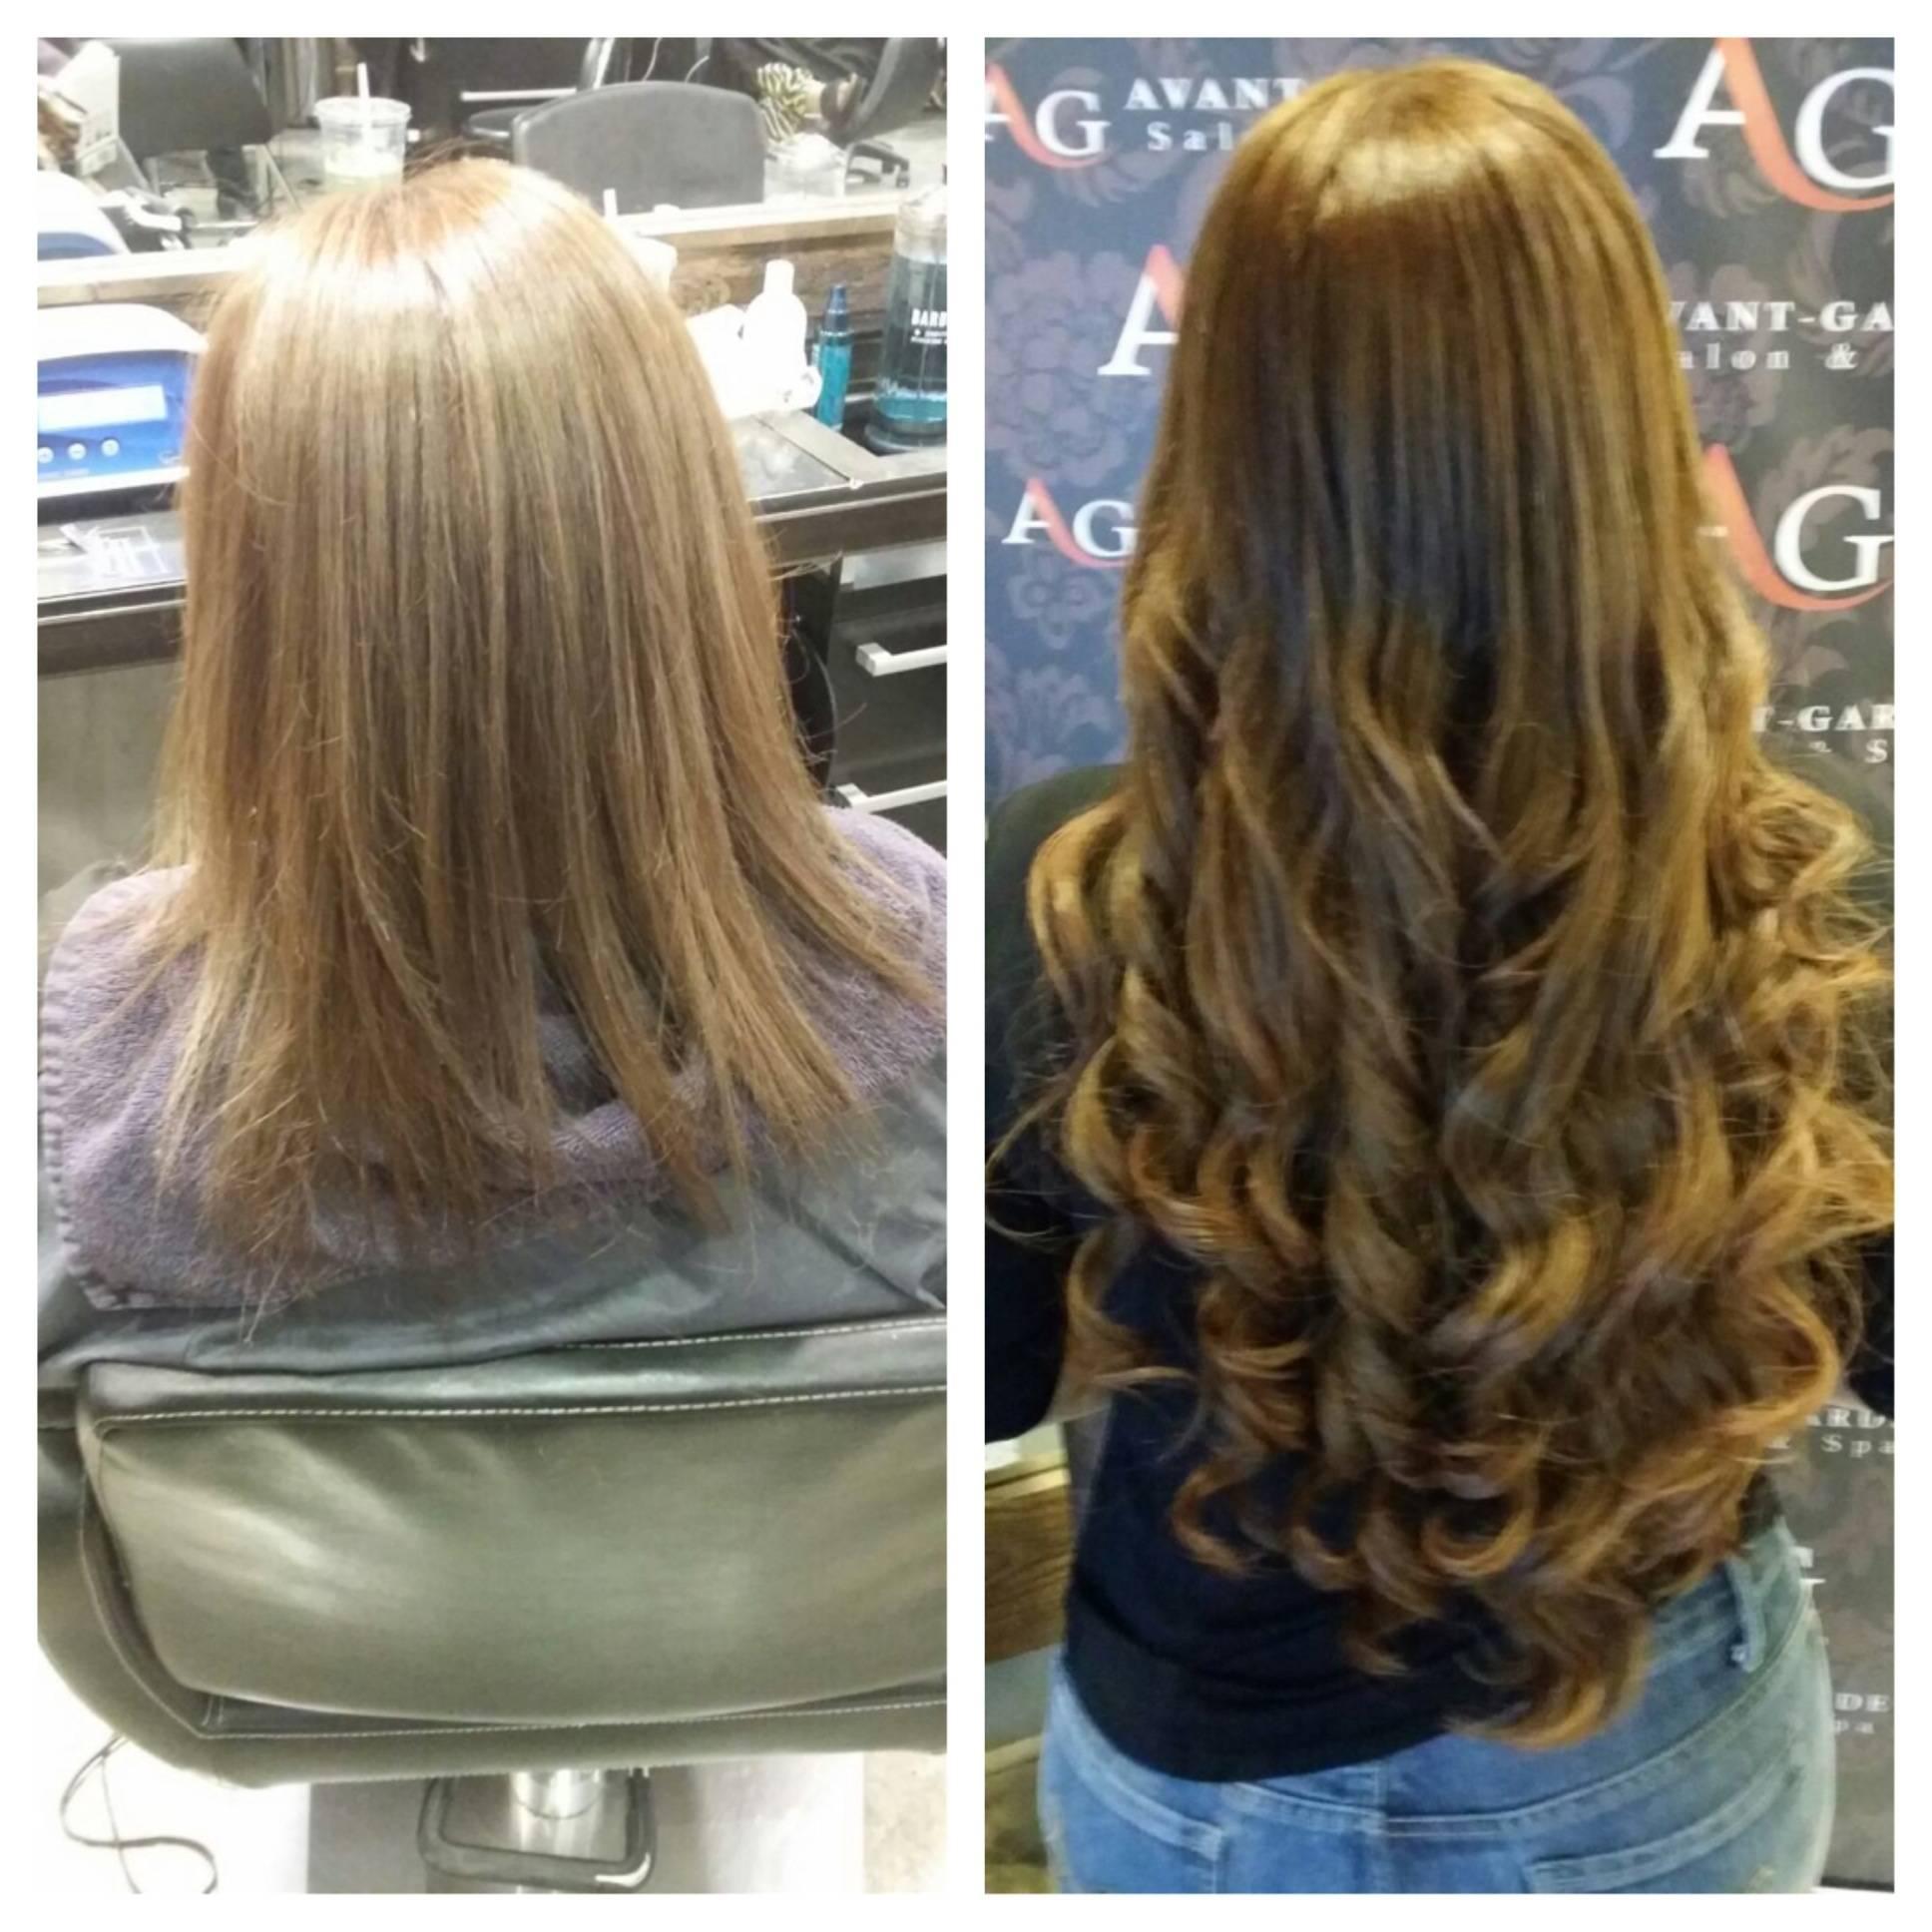 Avanti Hair Studio